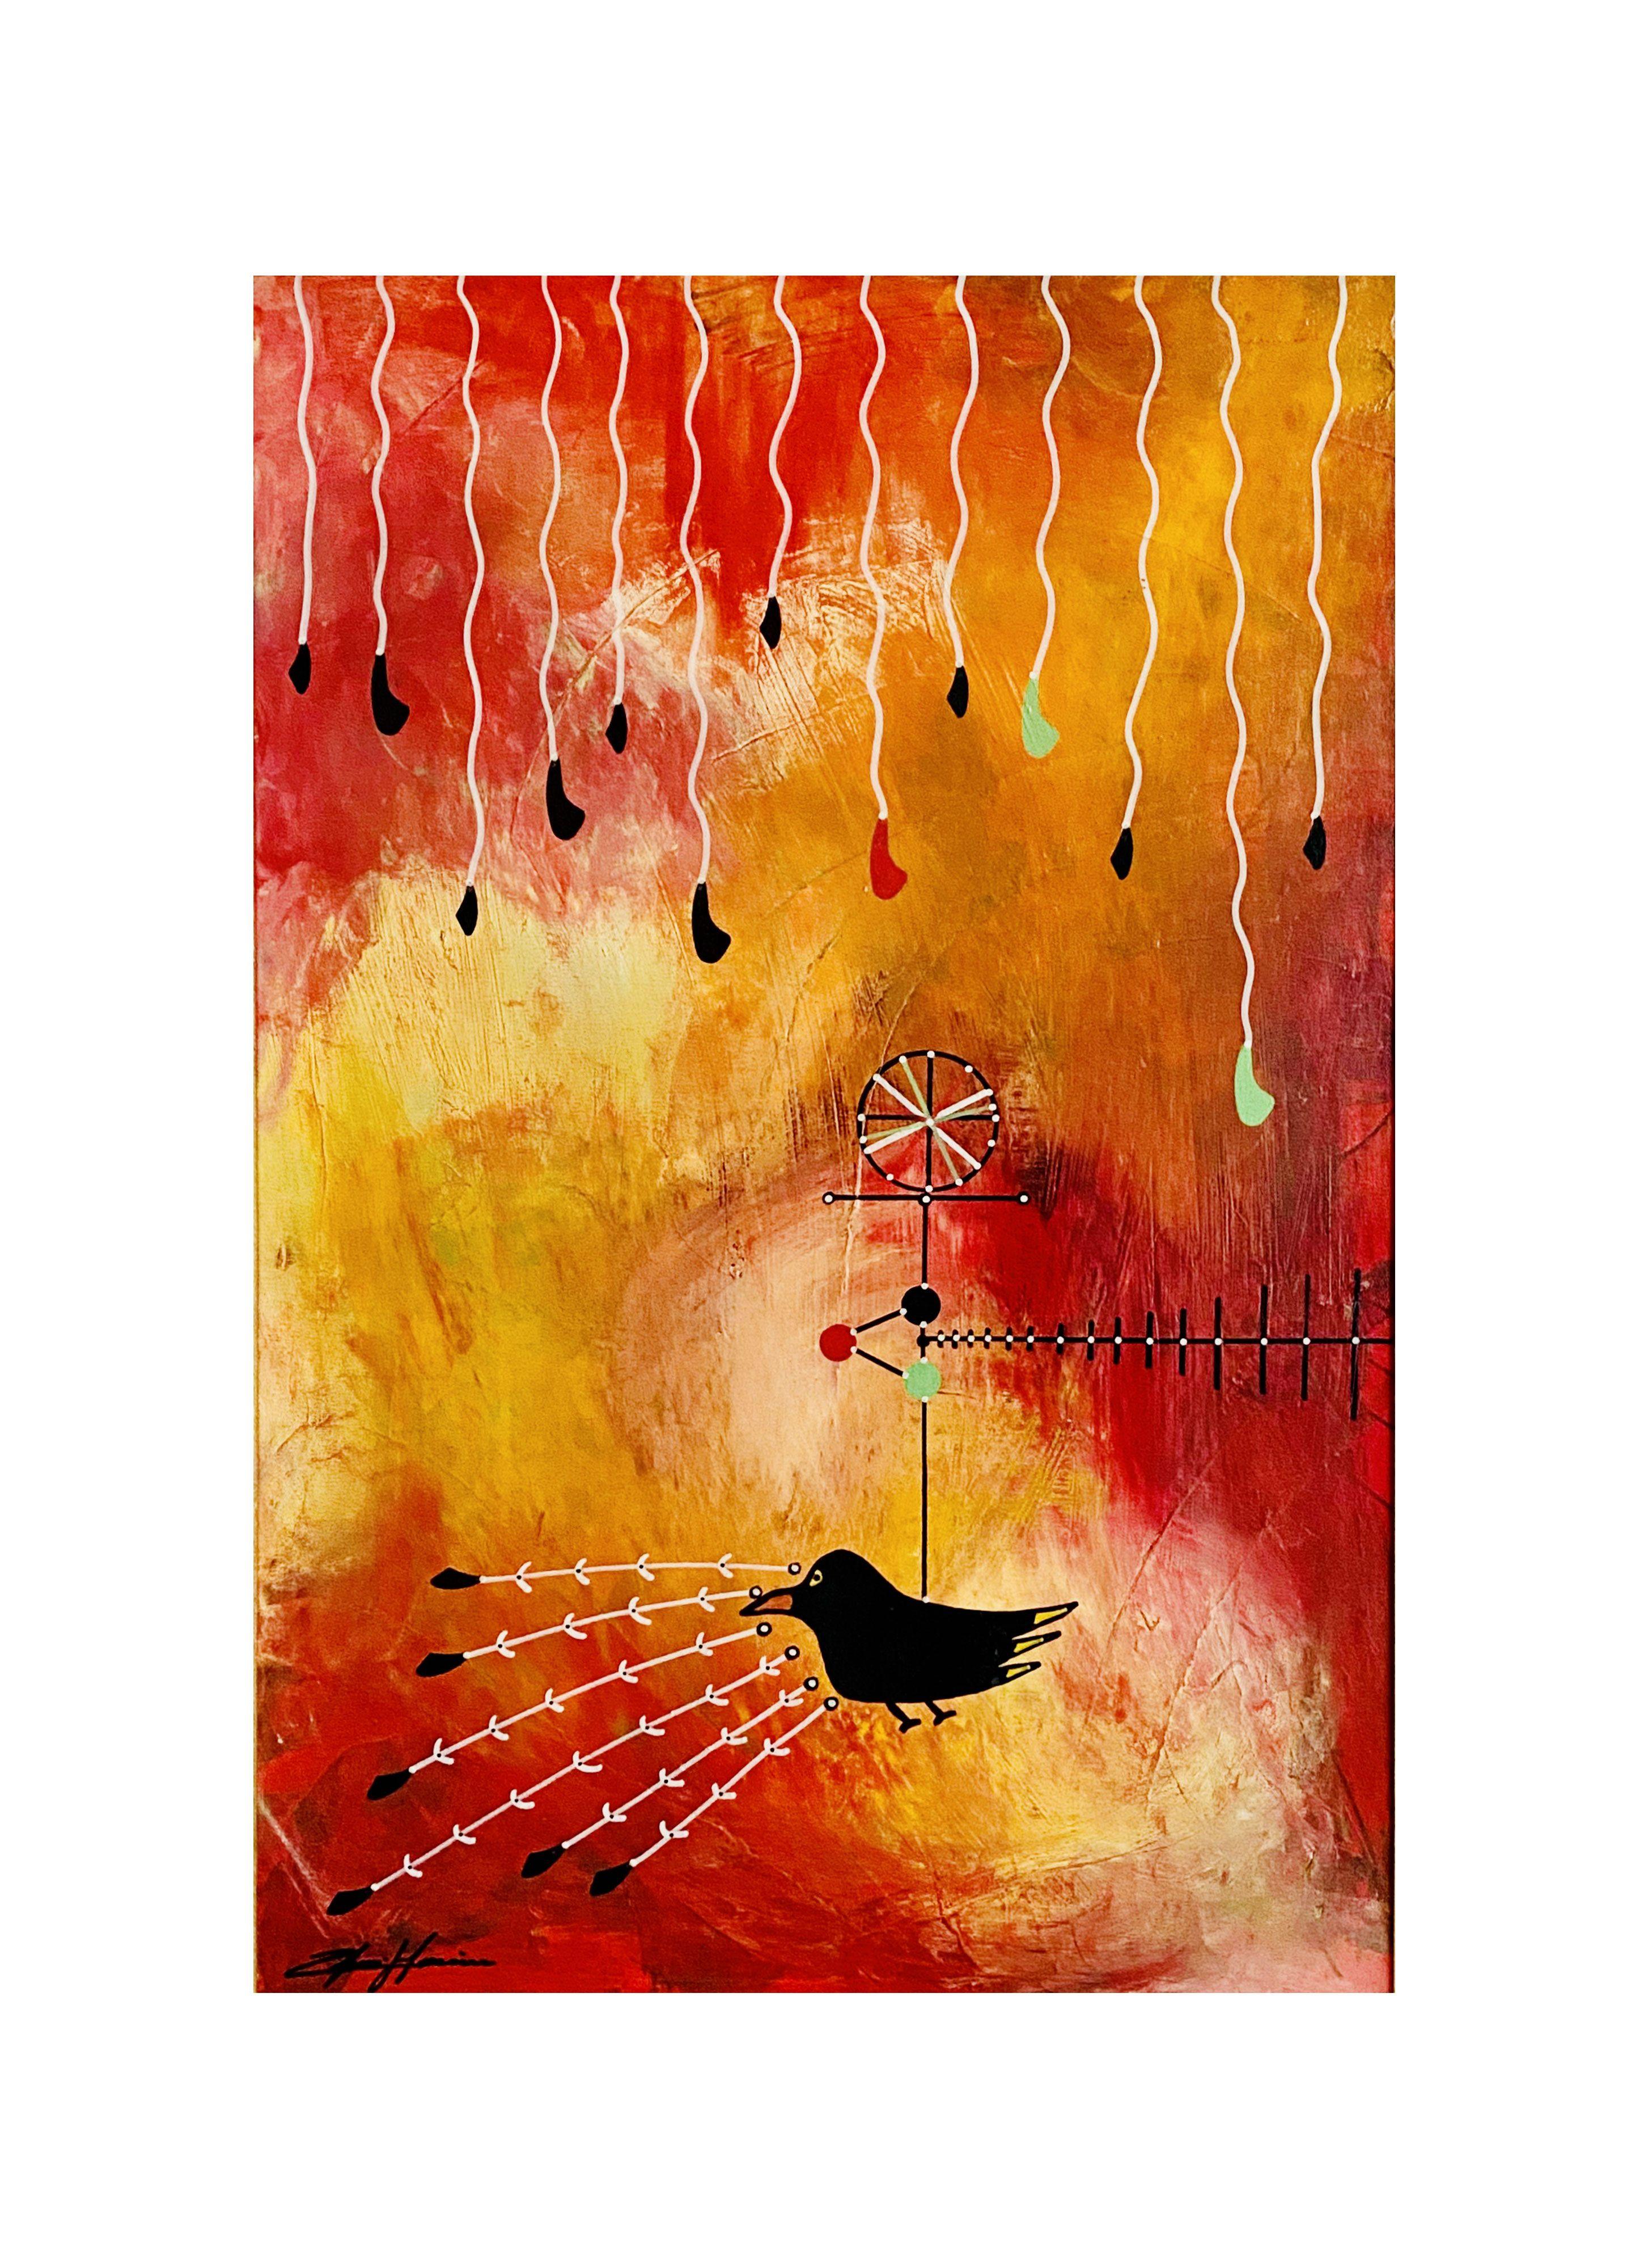 Io gioco con il vento by Massimo Zerbini